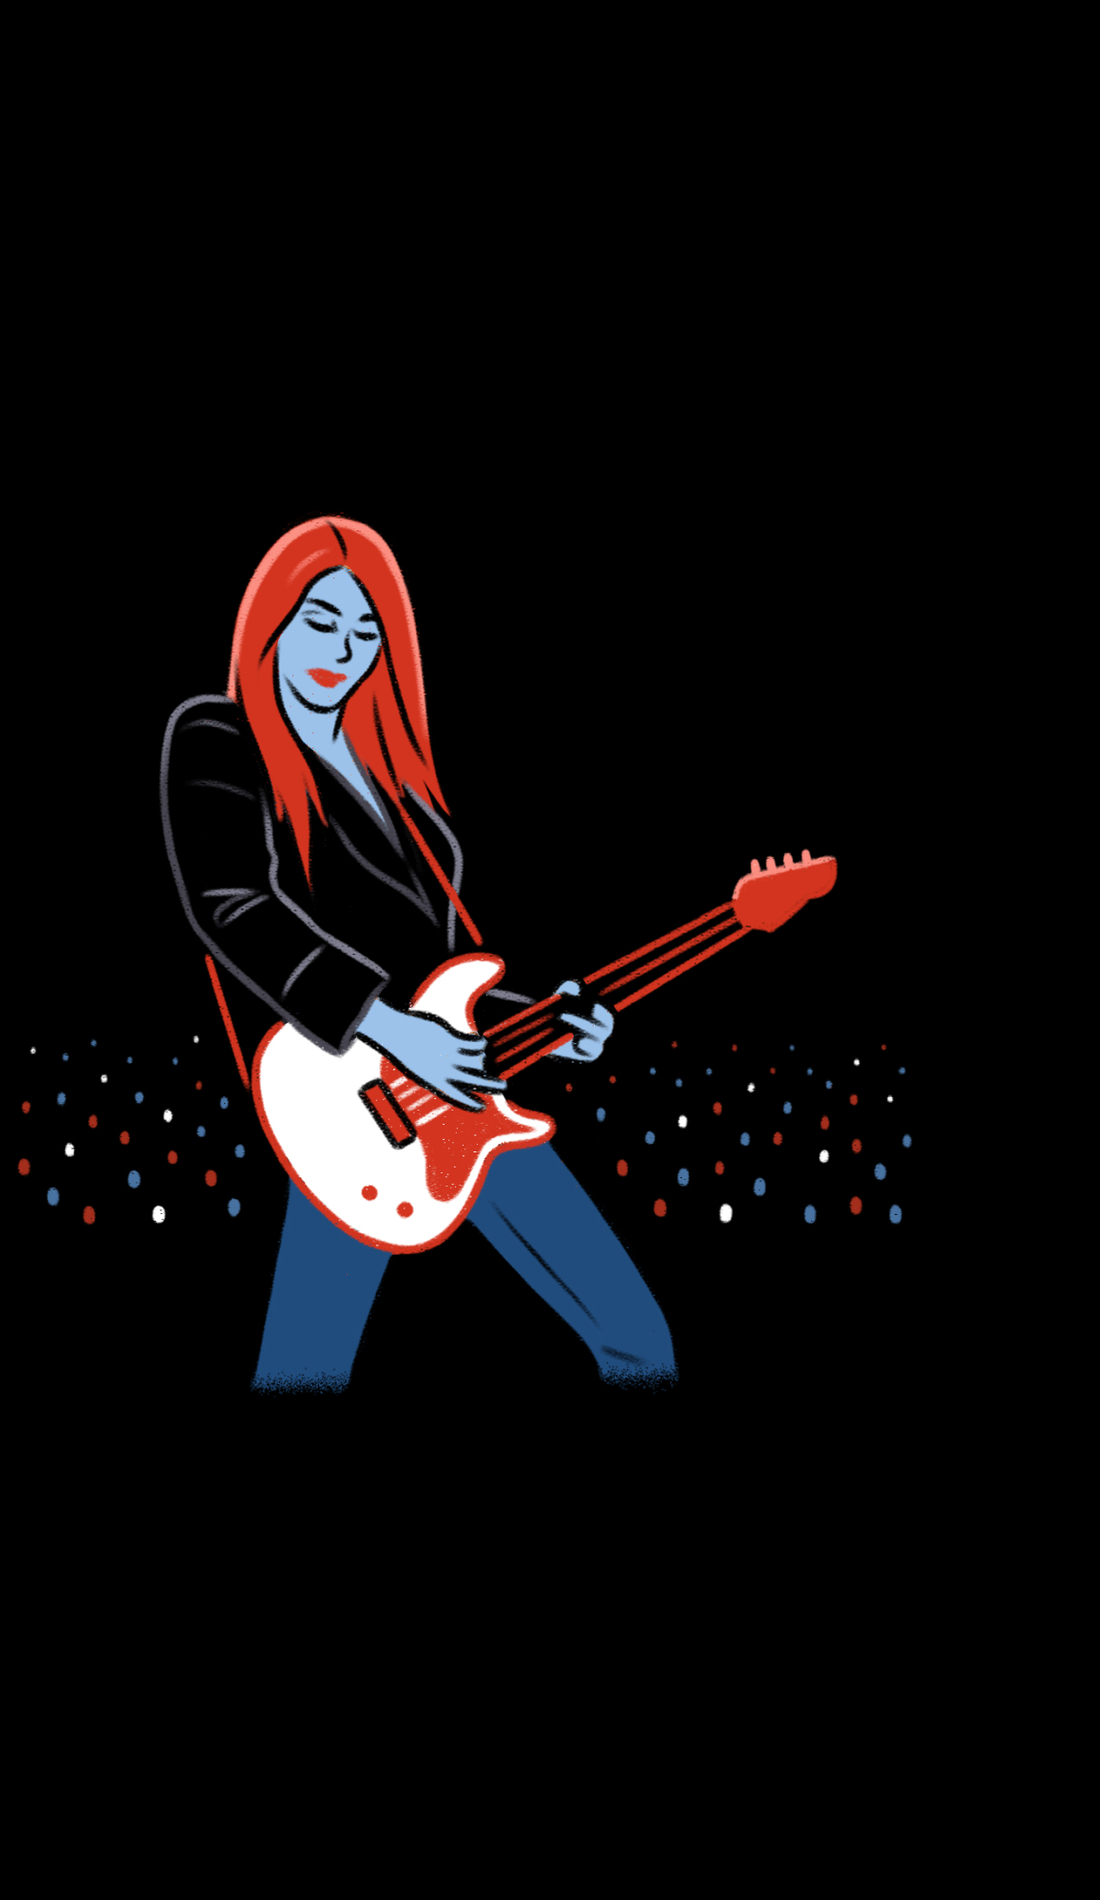 A War - Band live event